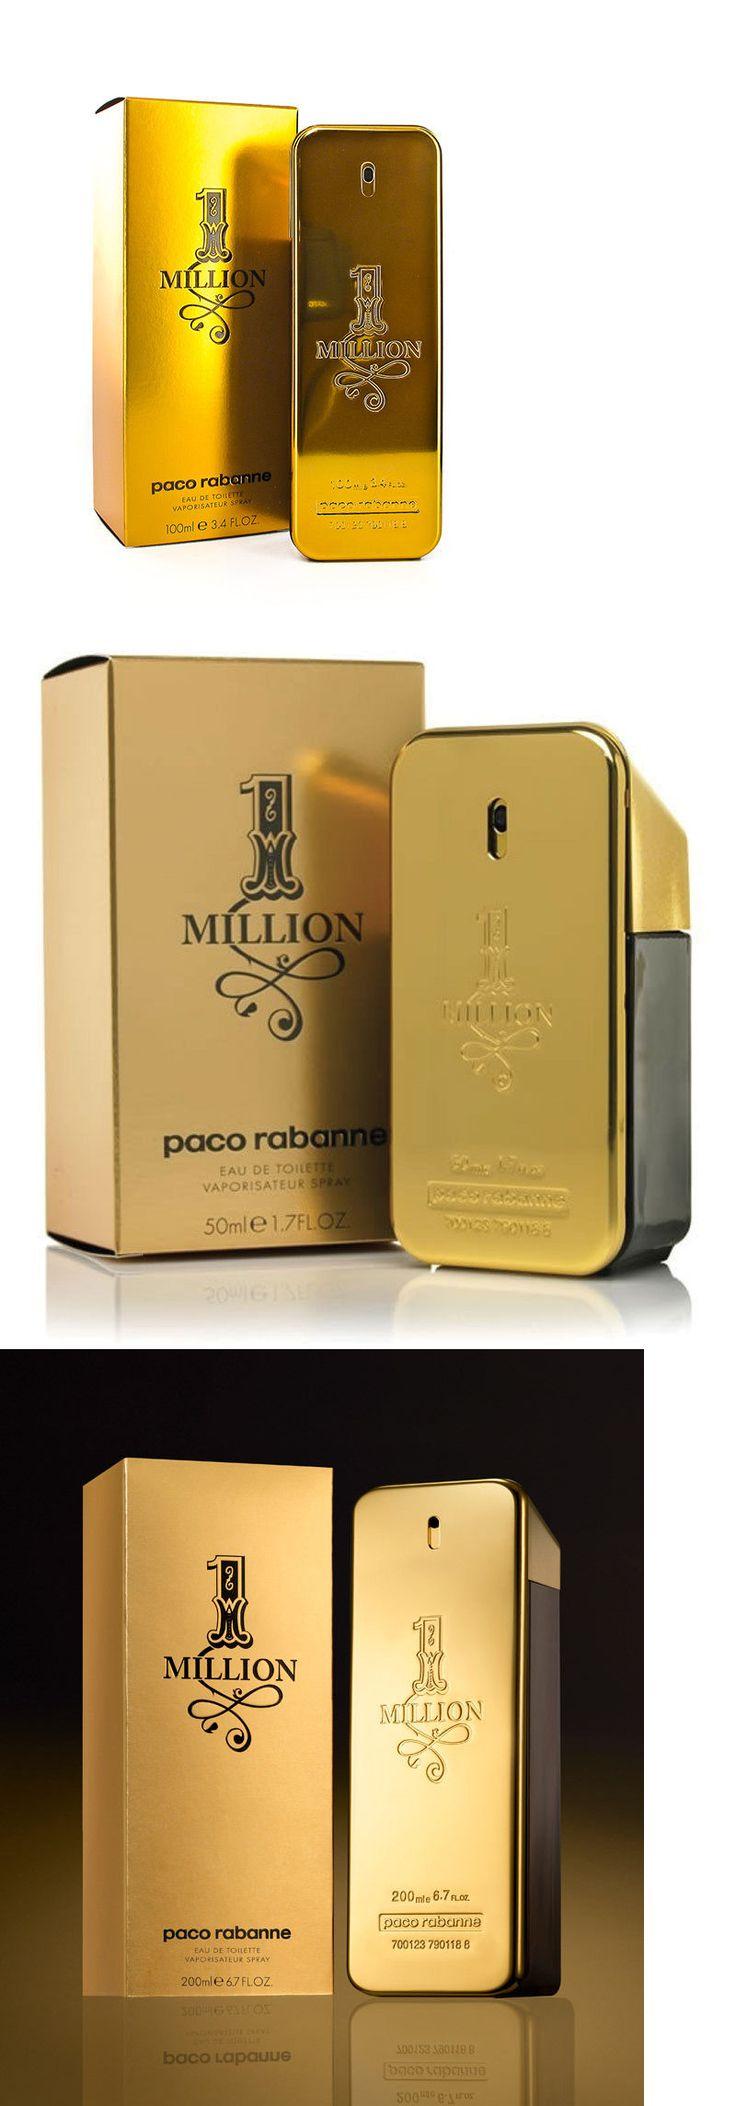 Men Fragrance: 1 One Million * Paco Rabanne * Cologne For Men * 1.7 3.4 6.7 Oz * Edt * Nib -> BUY IT NOW ONLY: $55.45 on eBay!